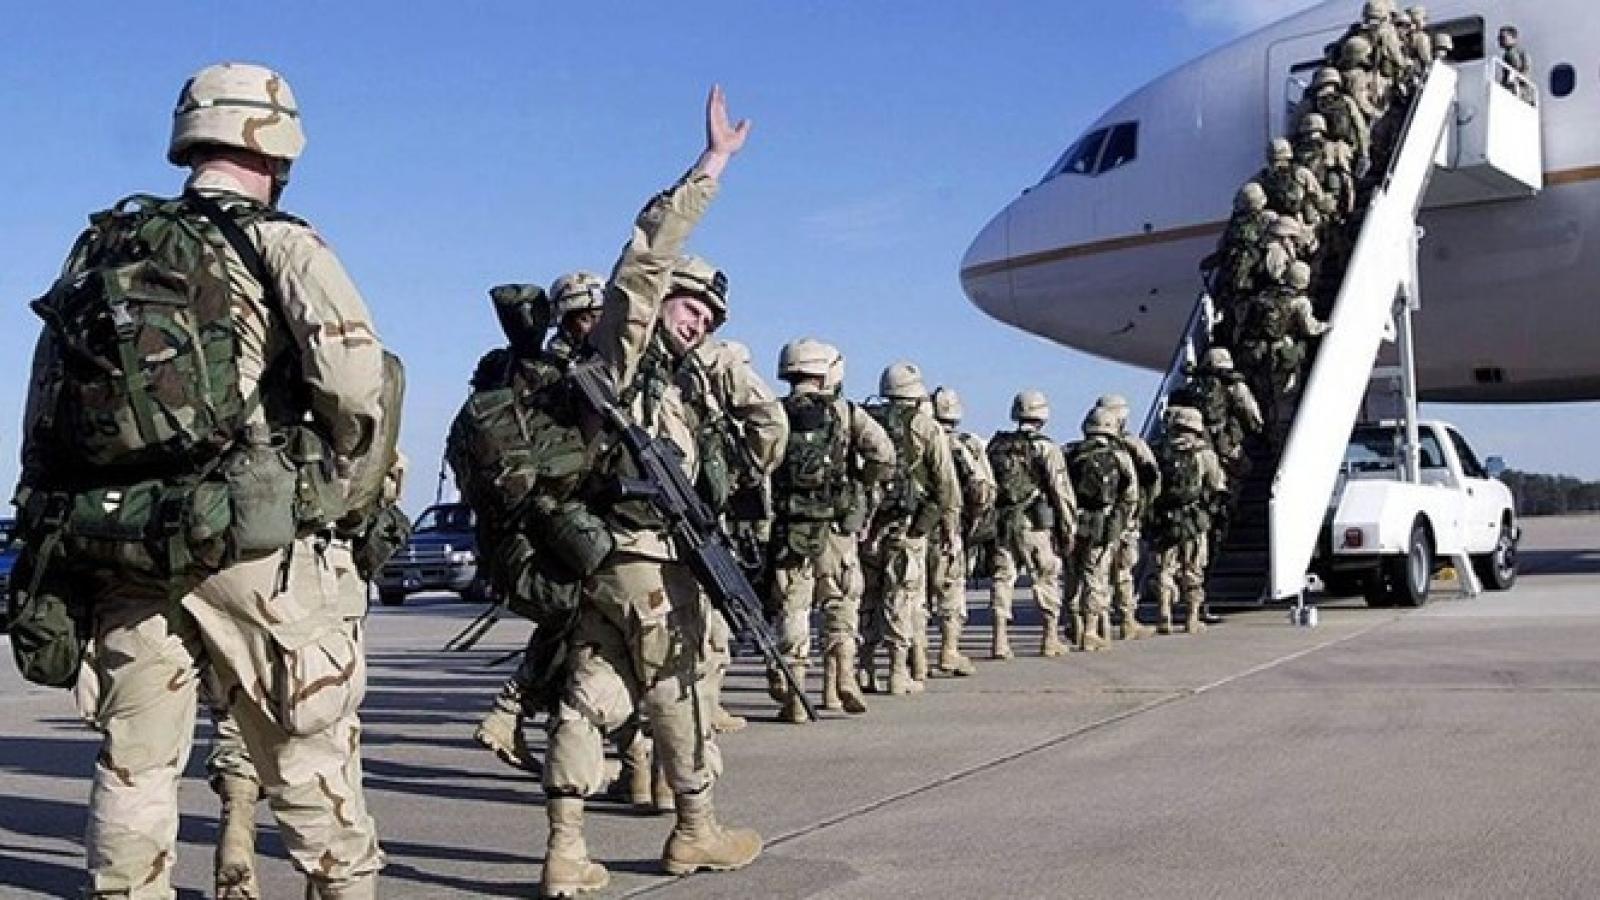 Chính phủ Afghanistan đối mặt với nhiều thách thức lớn sau khi Mỹ rút quân